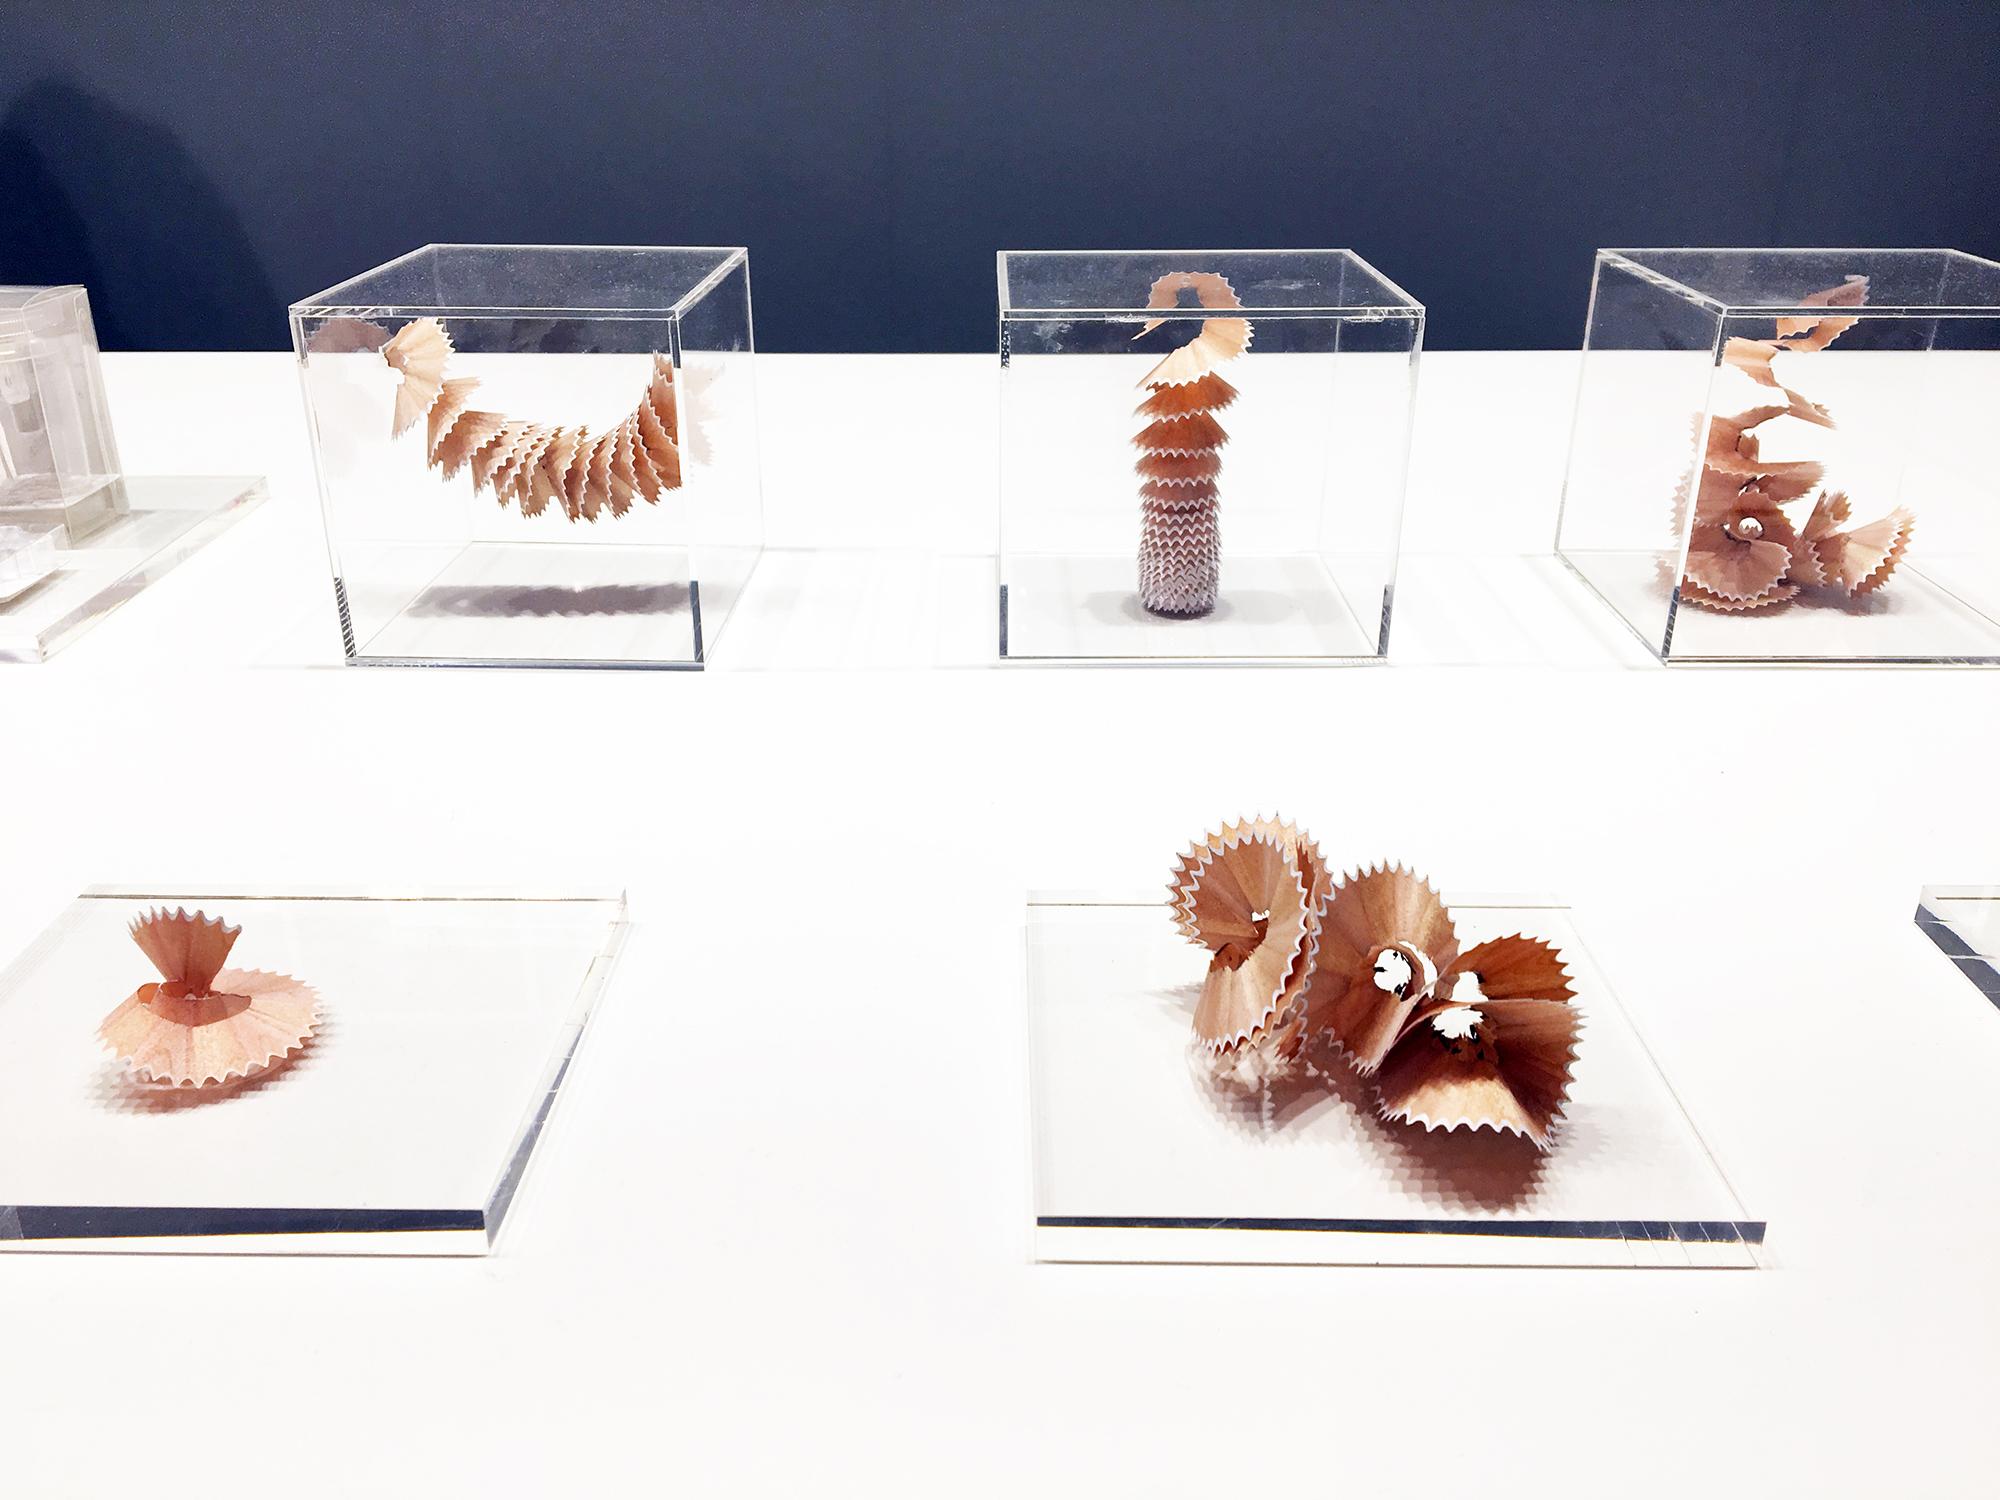 Des pelures de crayons à papier sont exposées comme des bijoux sur fond de plexiglass